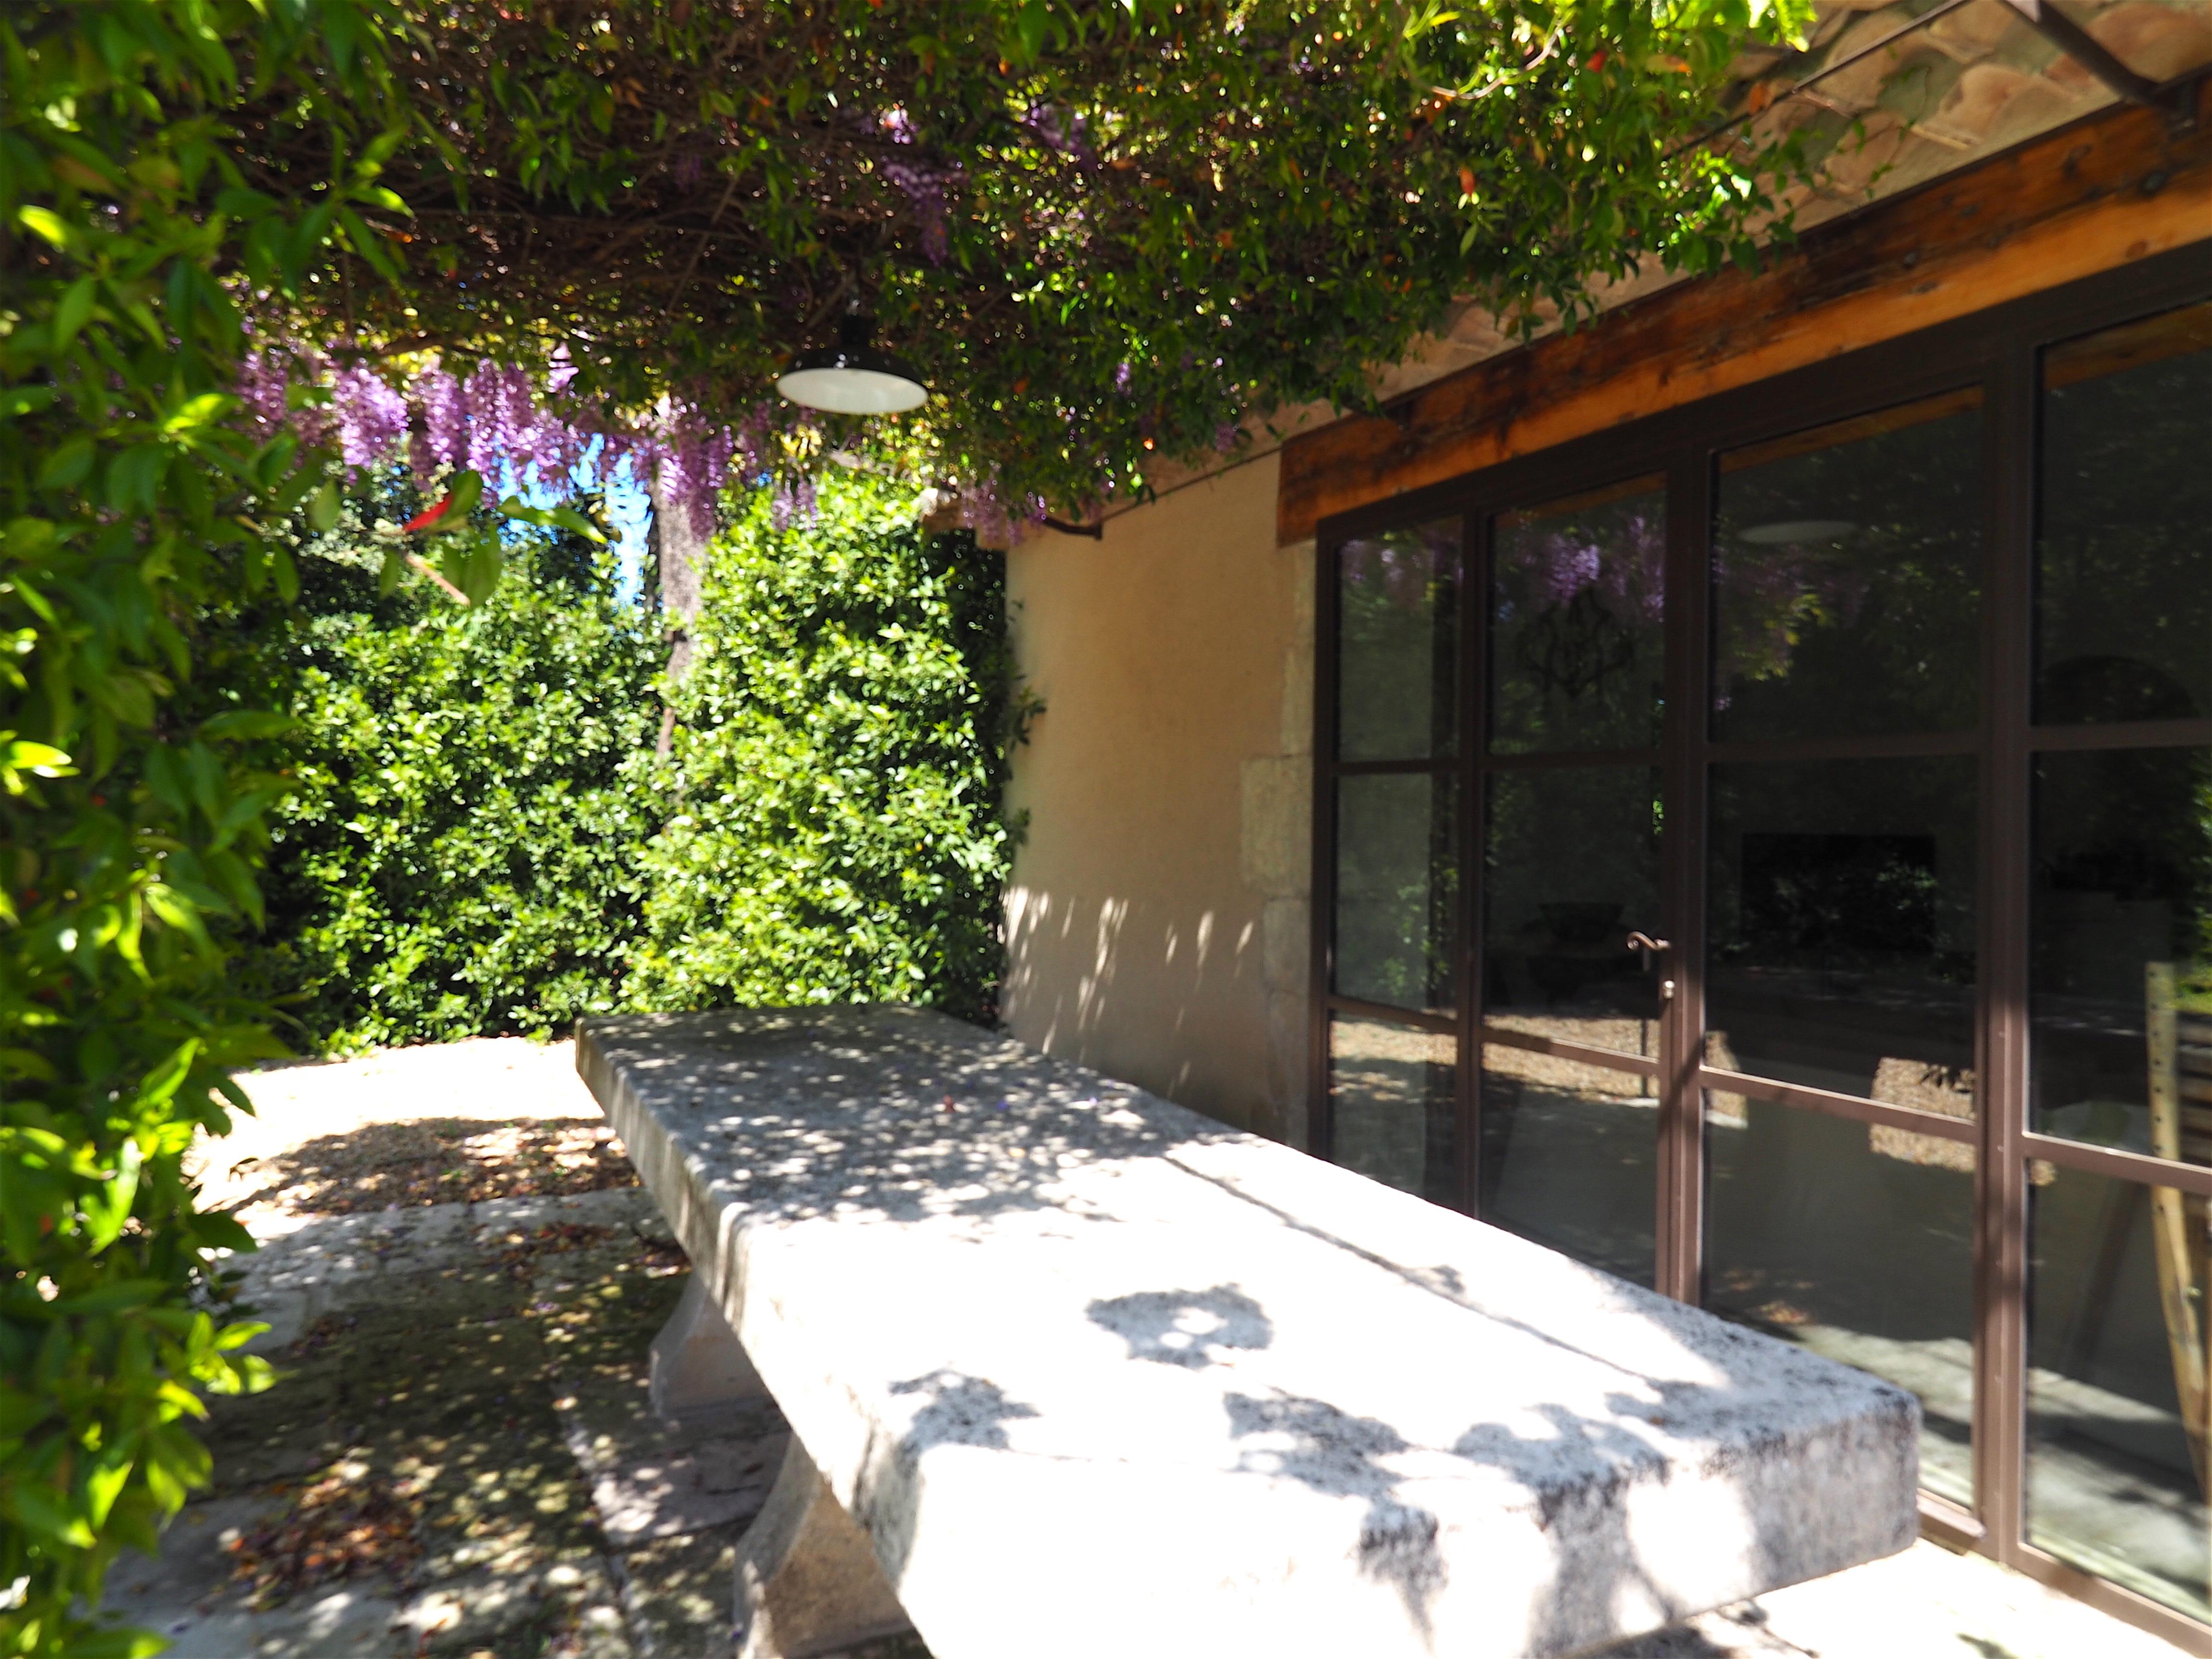 location-maison-vacances-st-remy-provence